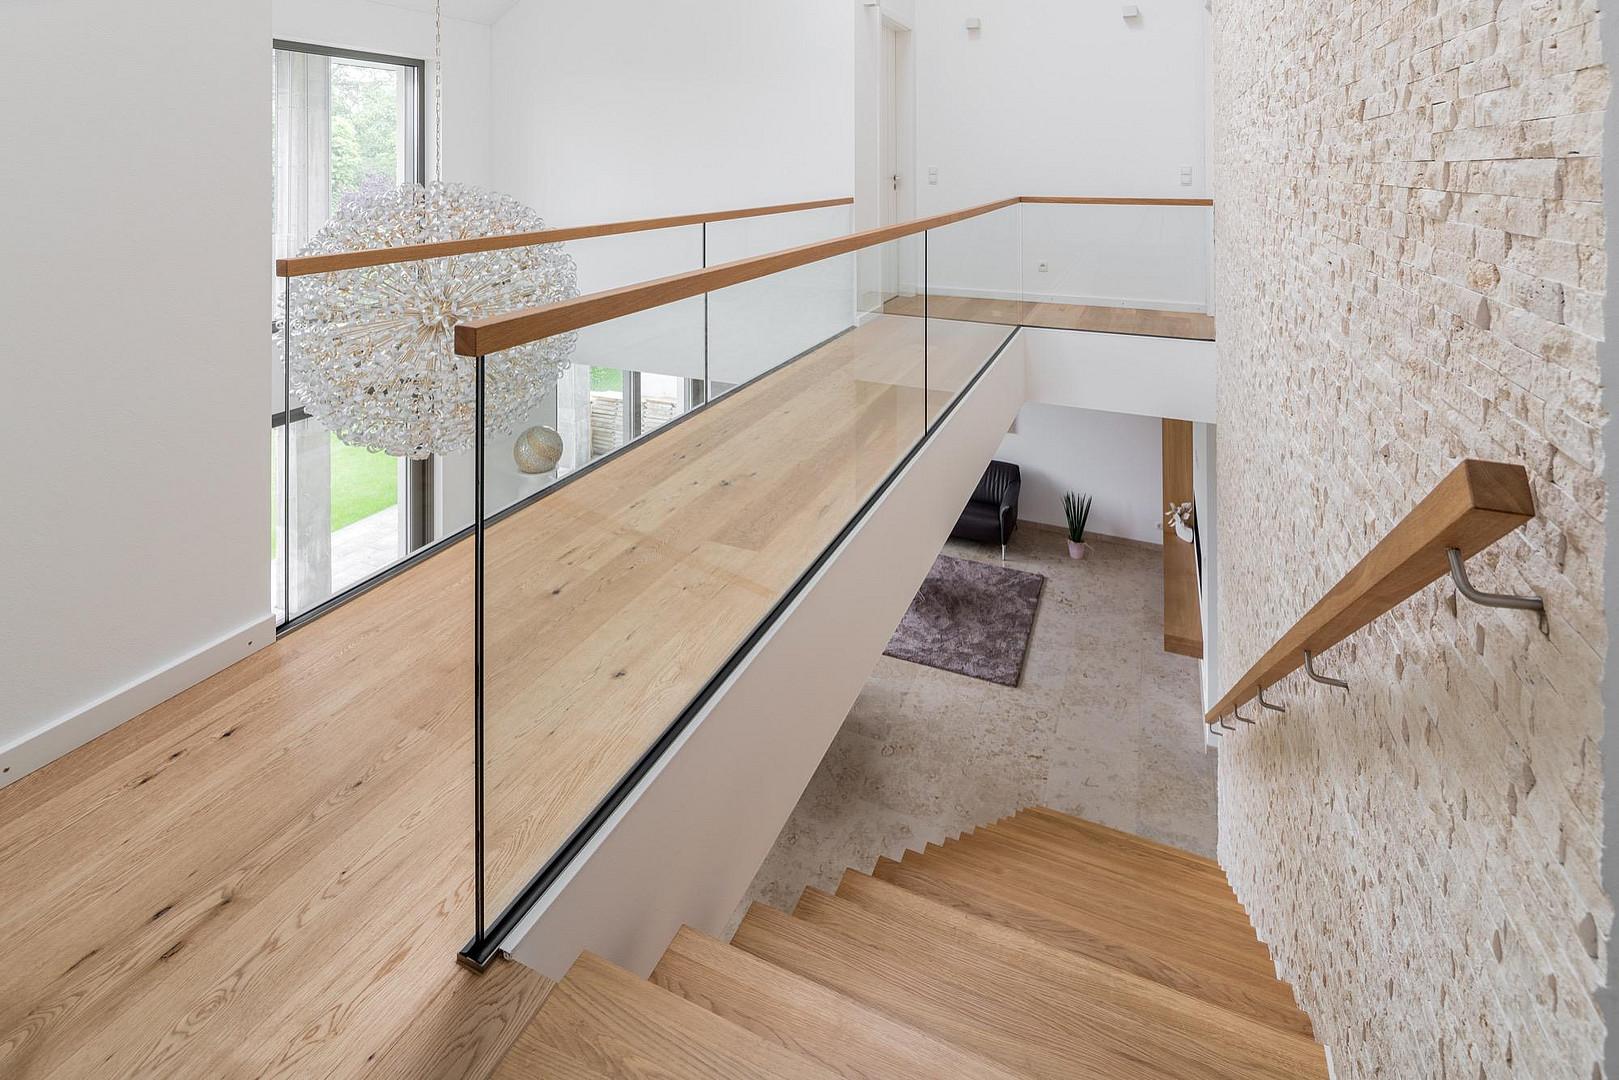 Unglaublich Schwebende Treppe Beste Wahl Schwebende-stufen-holztreppe-kragwerk